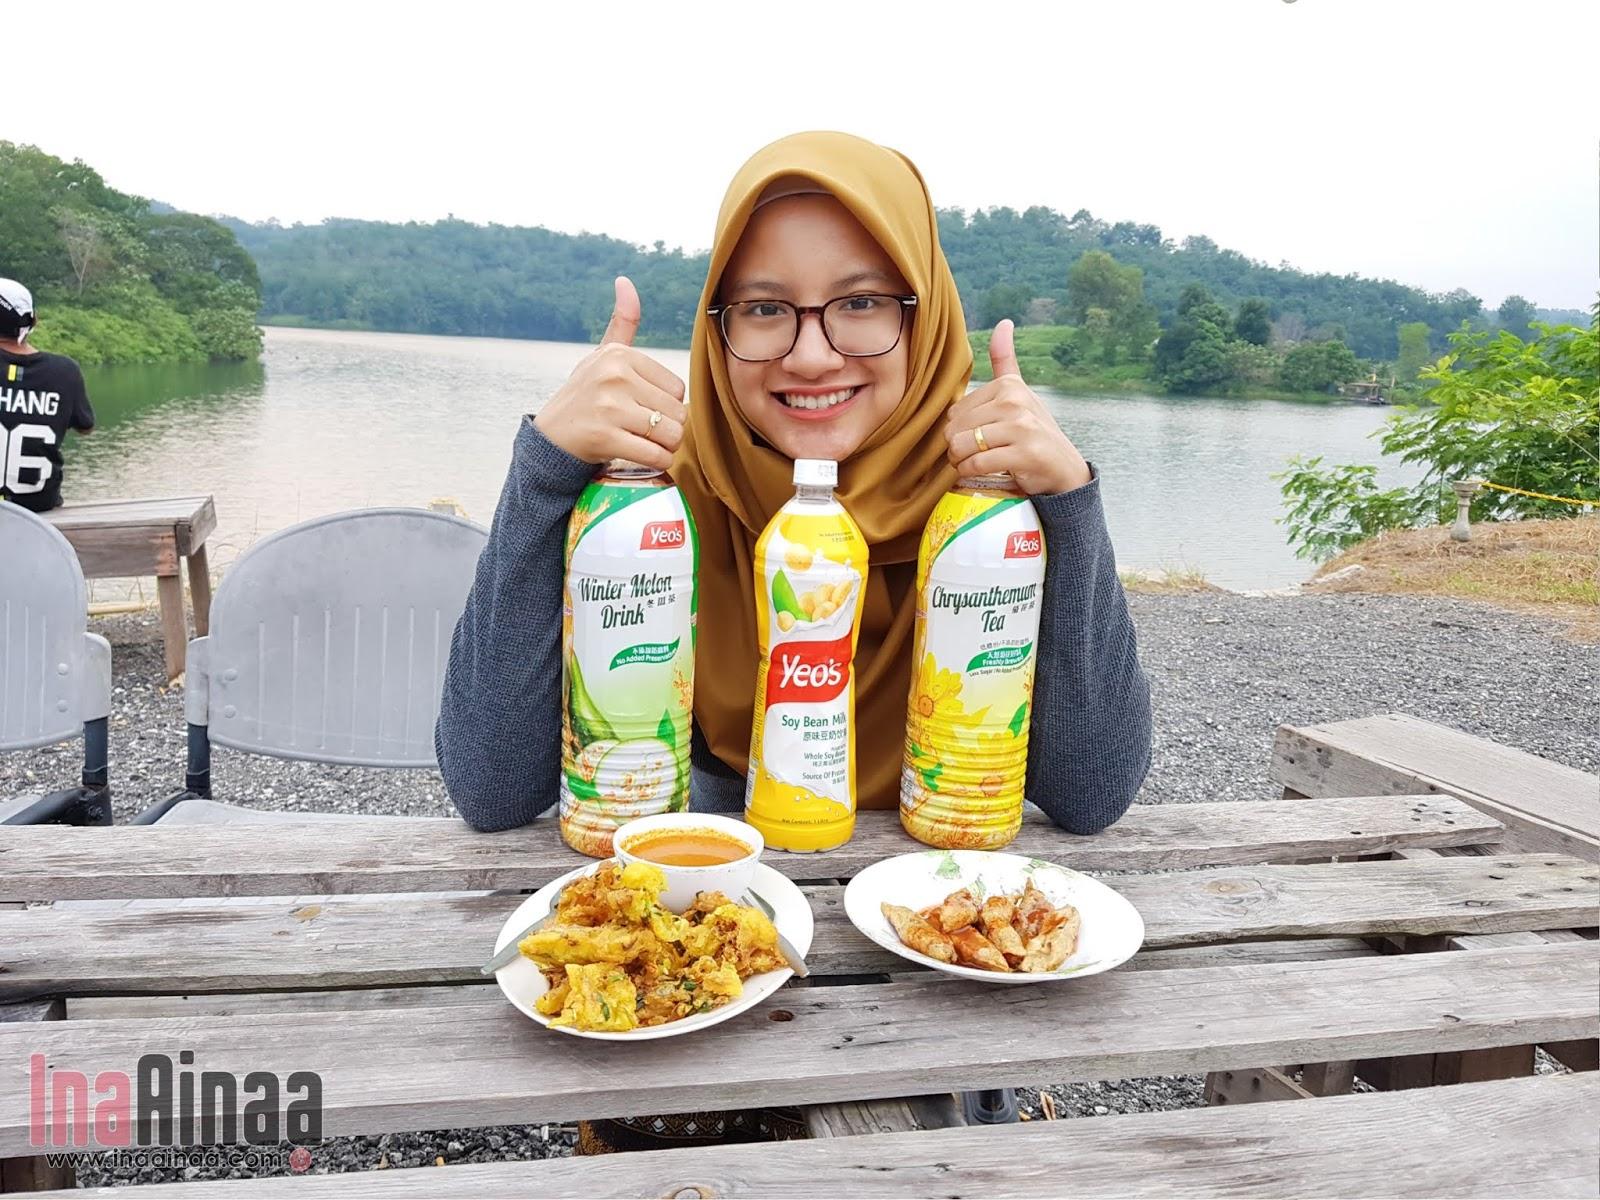 PERADUAN YEO'S RAYA BERGAYA 2019 - Hak Milik Ina Ainaa